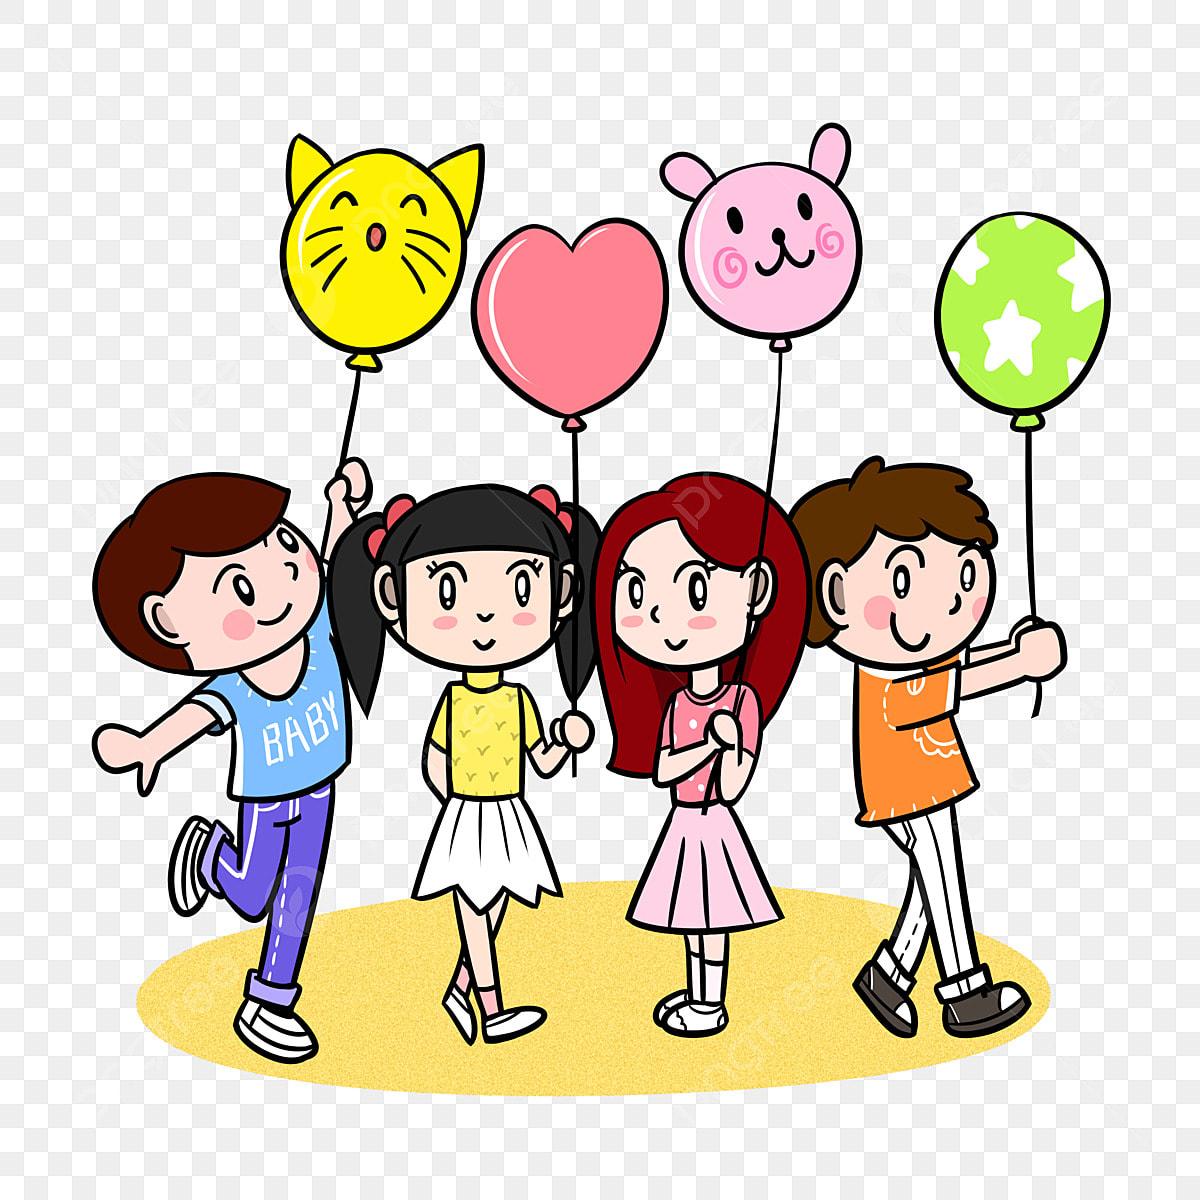 الرسوم المتحركة الطفل الصبي فتاة شفاف القاع اطفال Png وملف Psd للتحميل مجانا